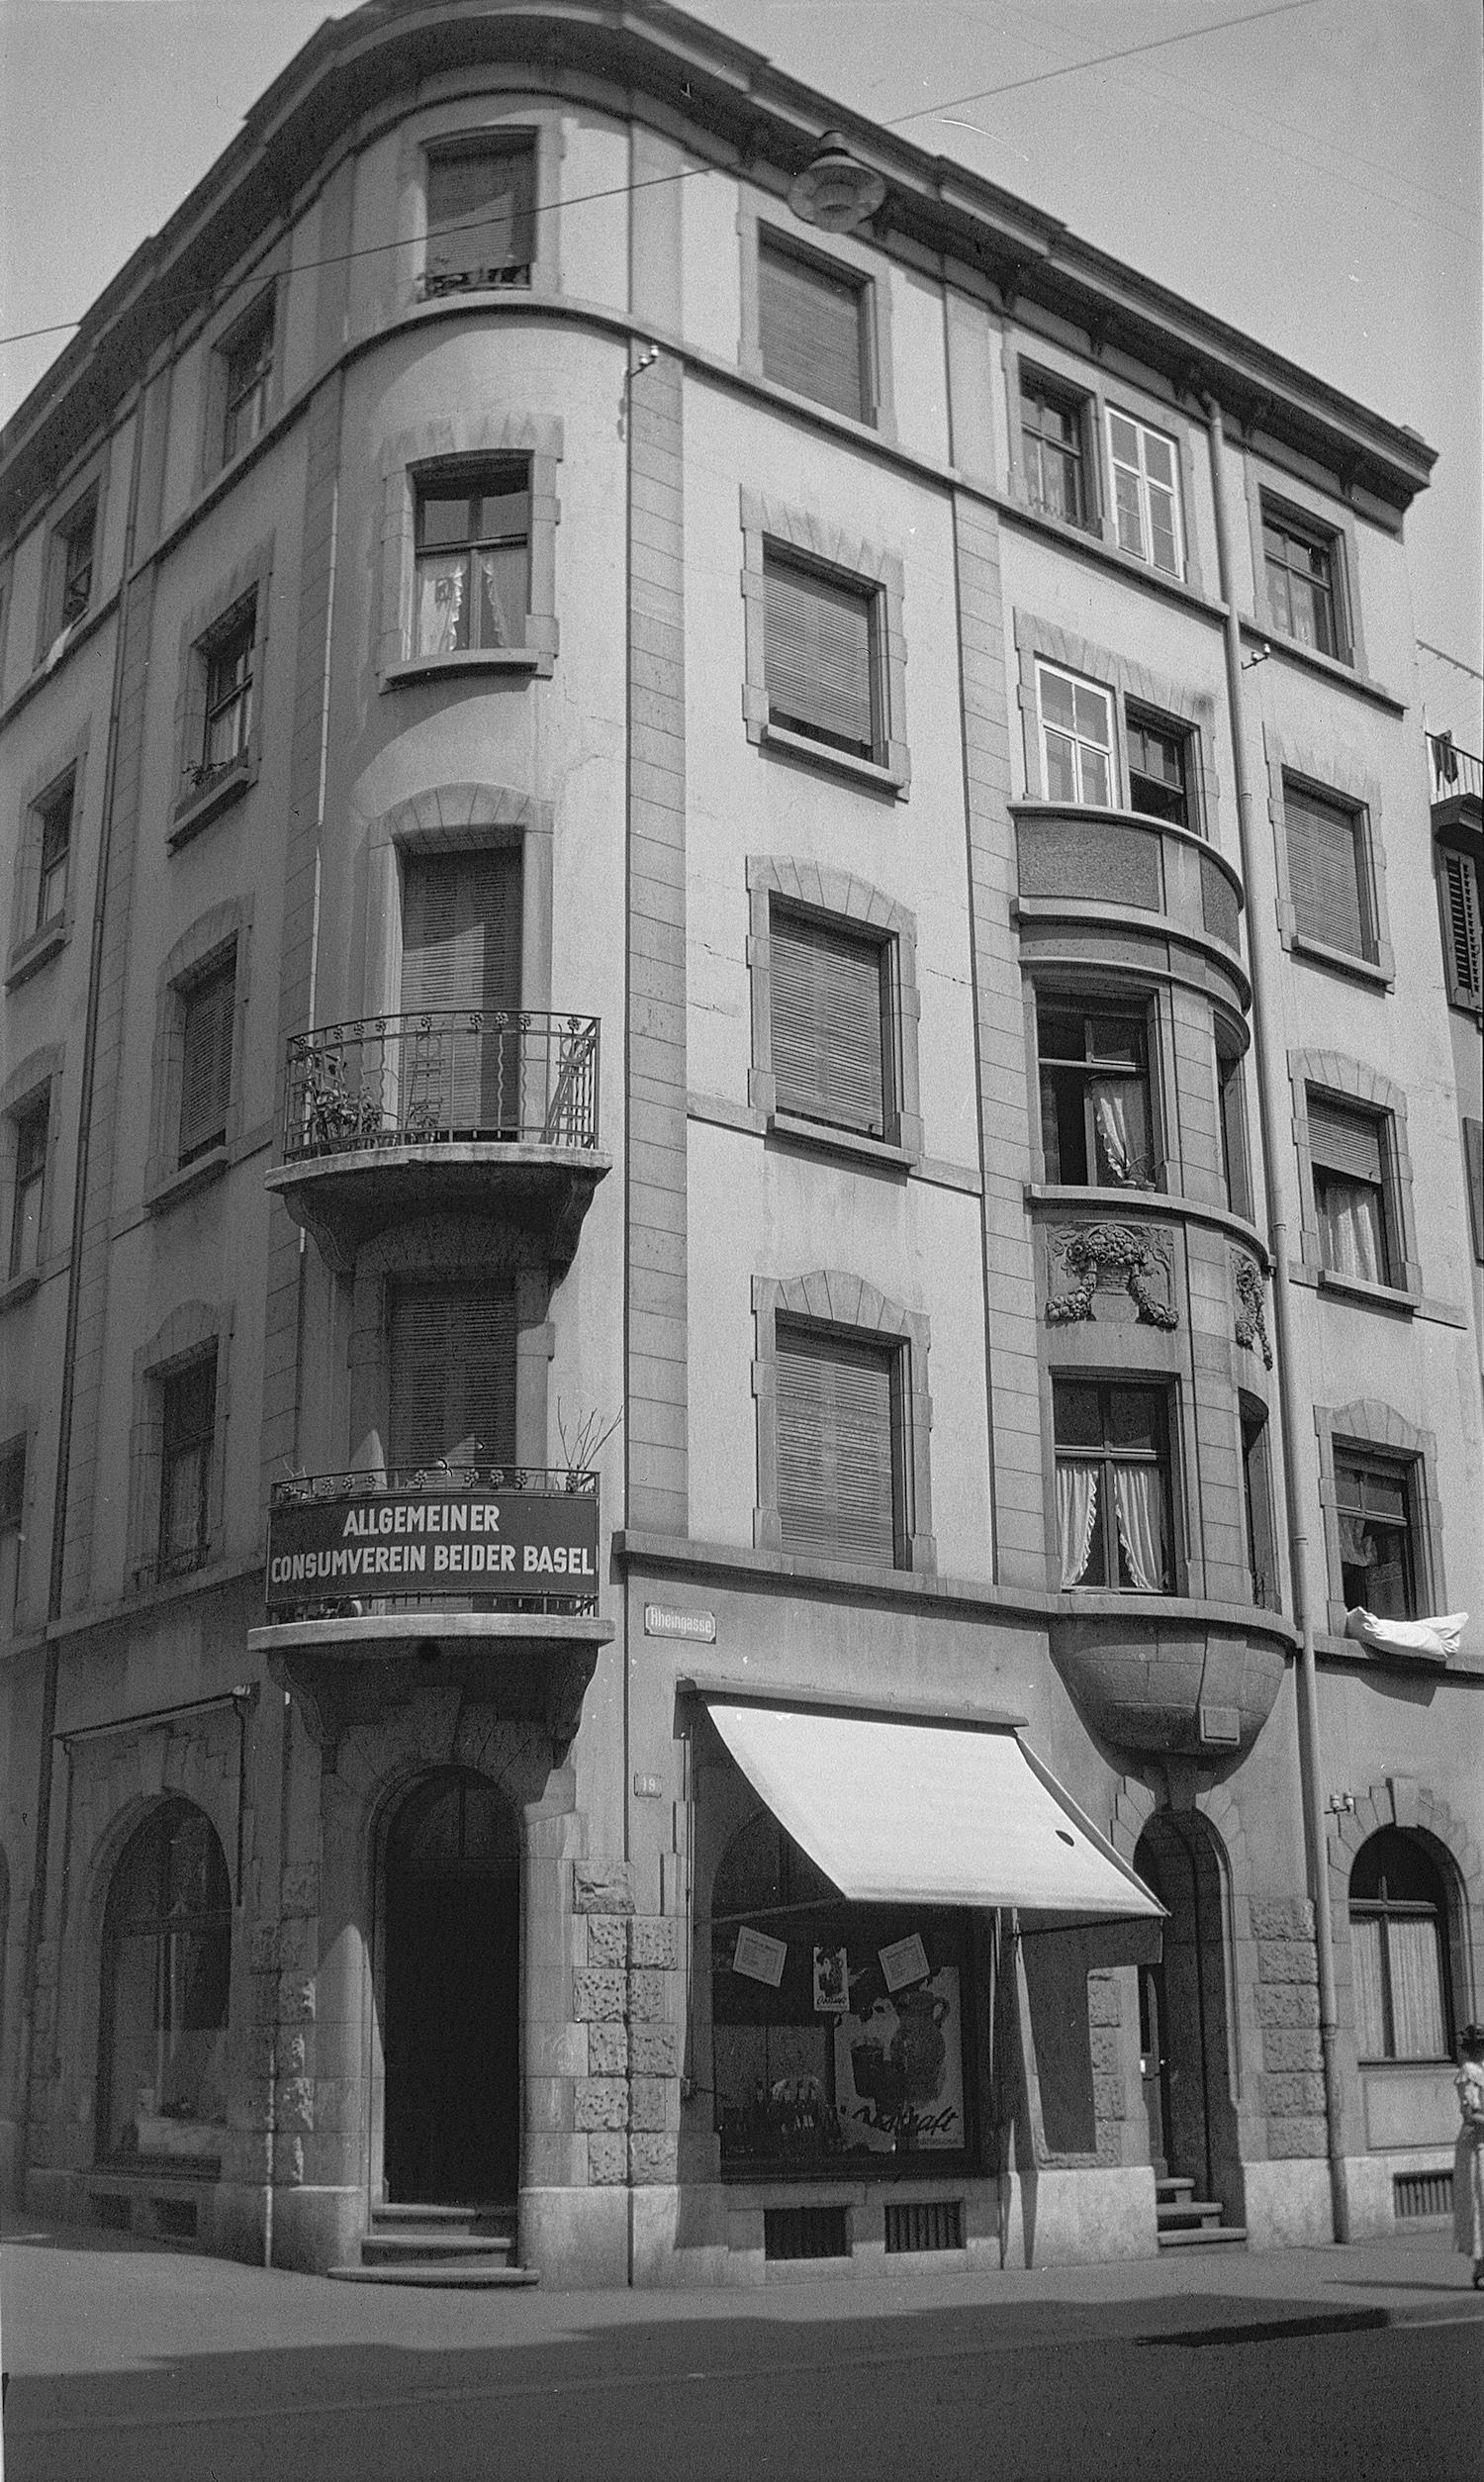 Der ehemalige Laden des Allgemeinen Consumvereins ACV (1936), wo sich heute die Bar Consum befindet.